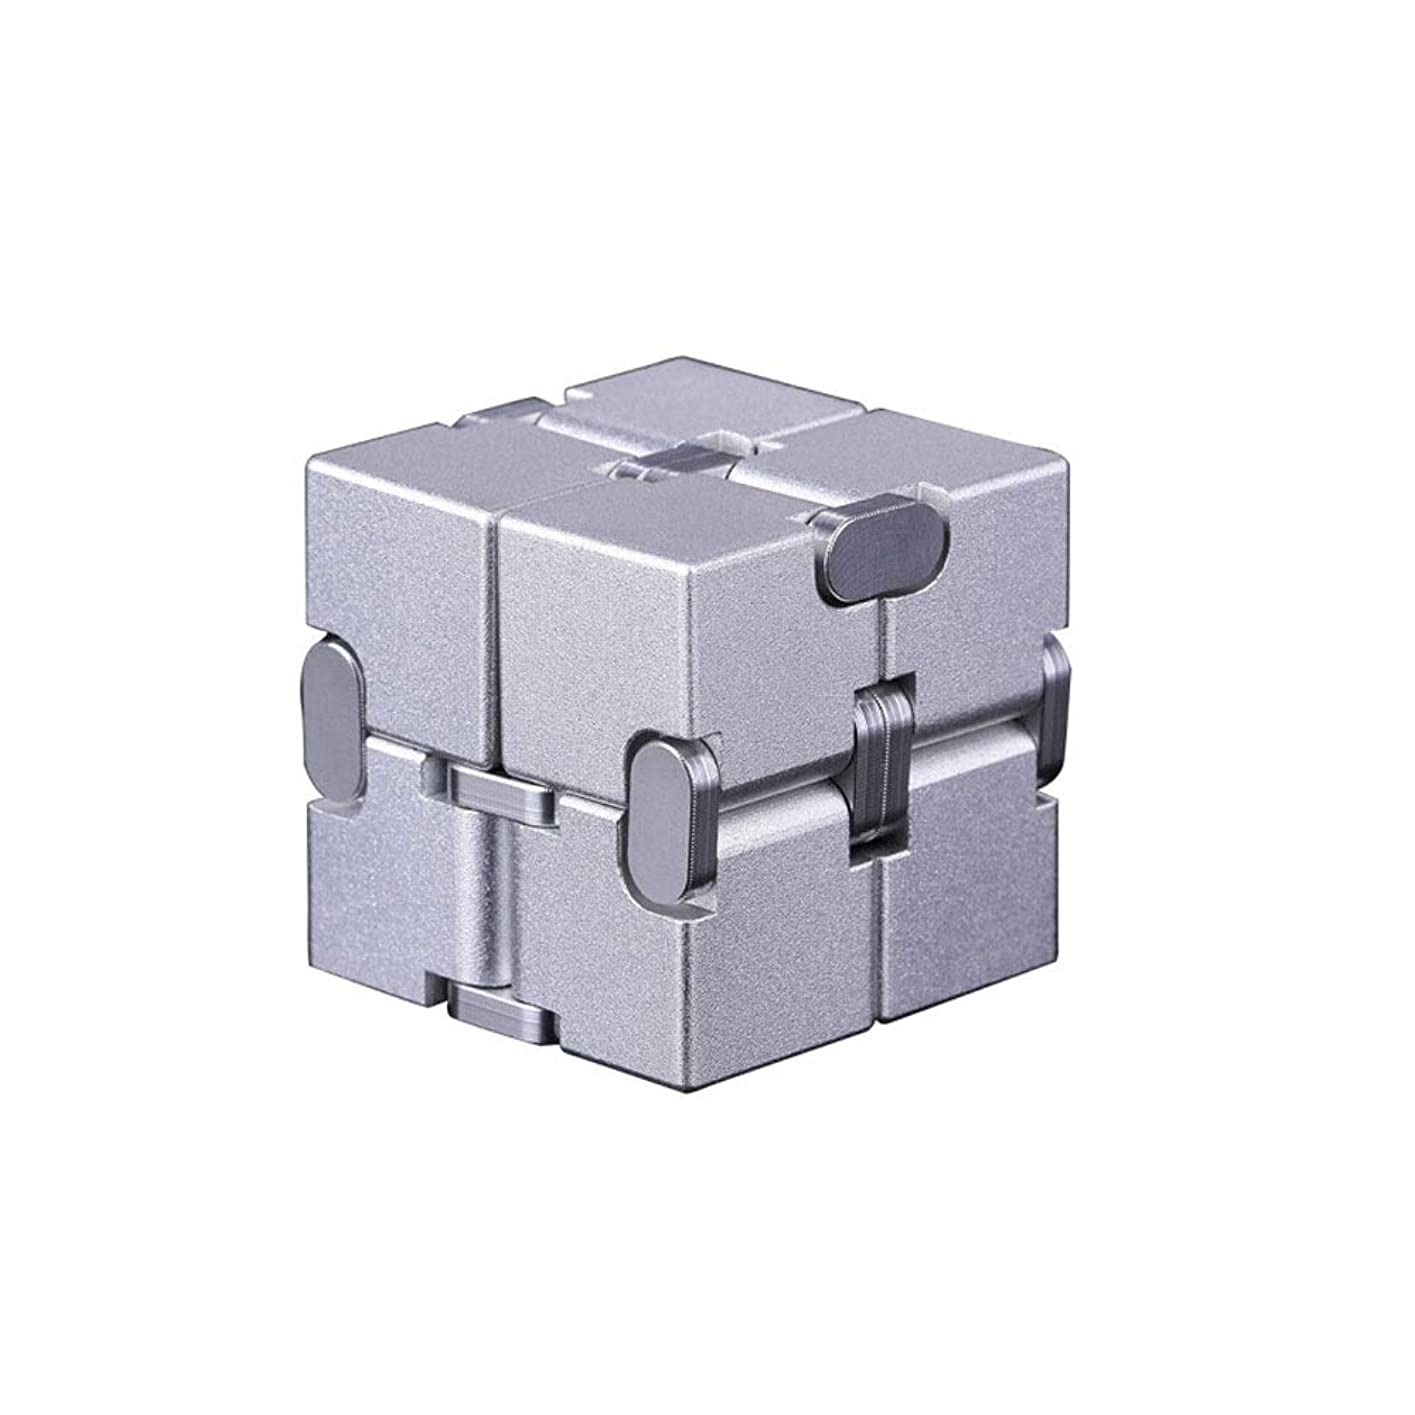 汚れた宿泊普遍的なルービックキューブ、高品質テクスチャードルービックキューブ、滑らかで解凍可能、ギフトとして使用可能(ブラック/シルバー/ゴールド) (Color : Silver, Edition : Second order)